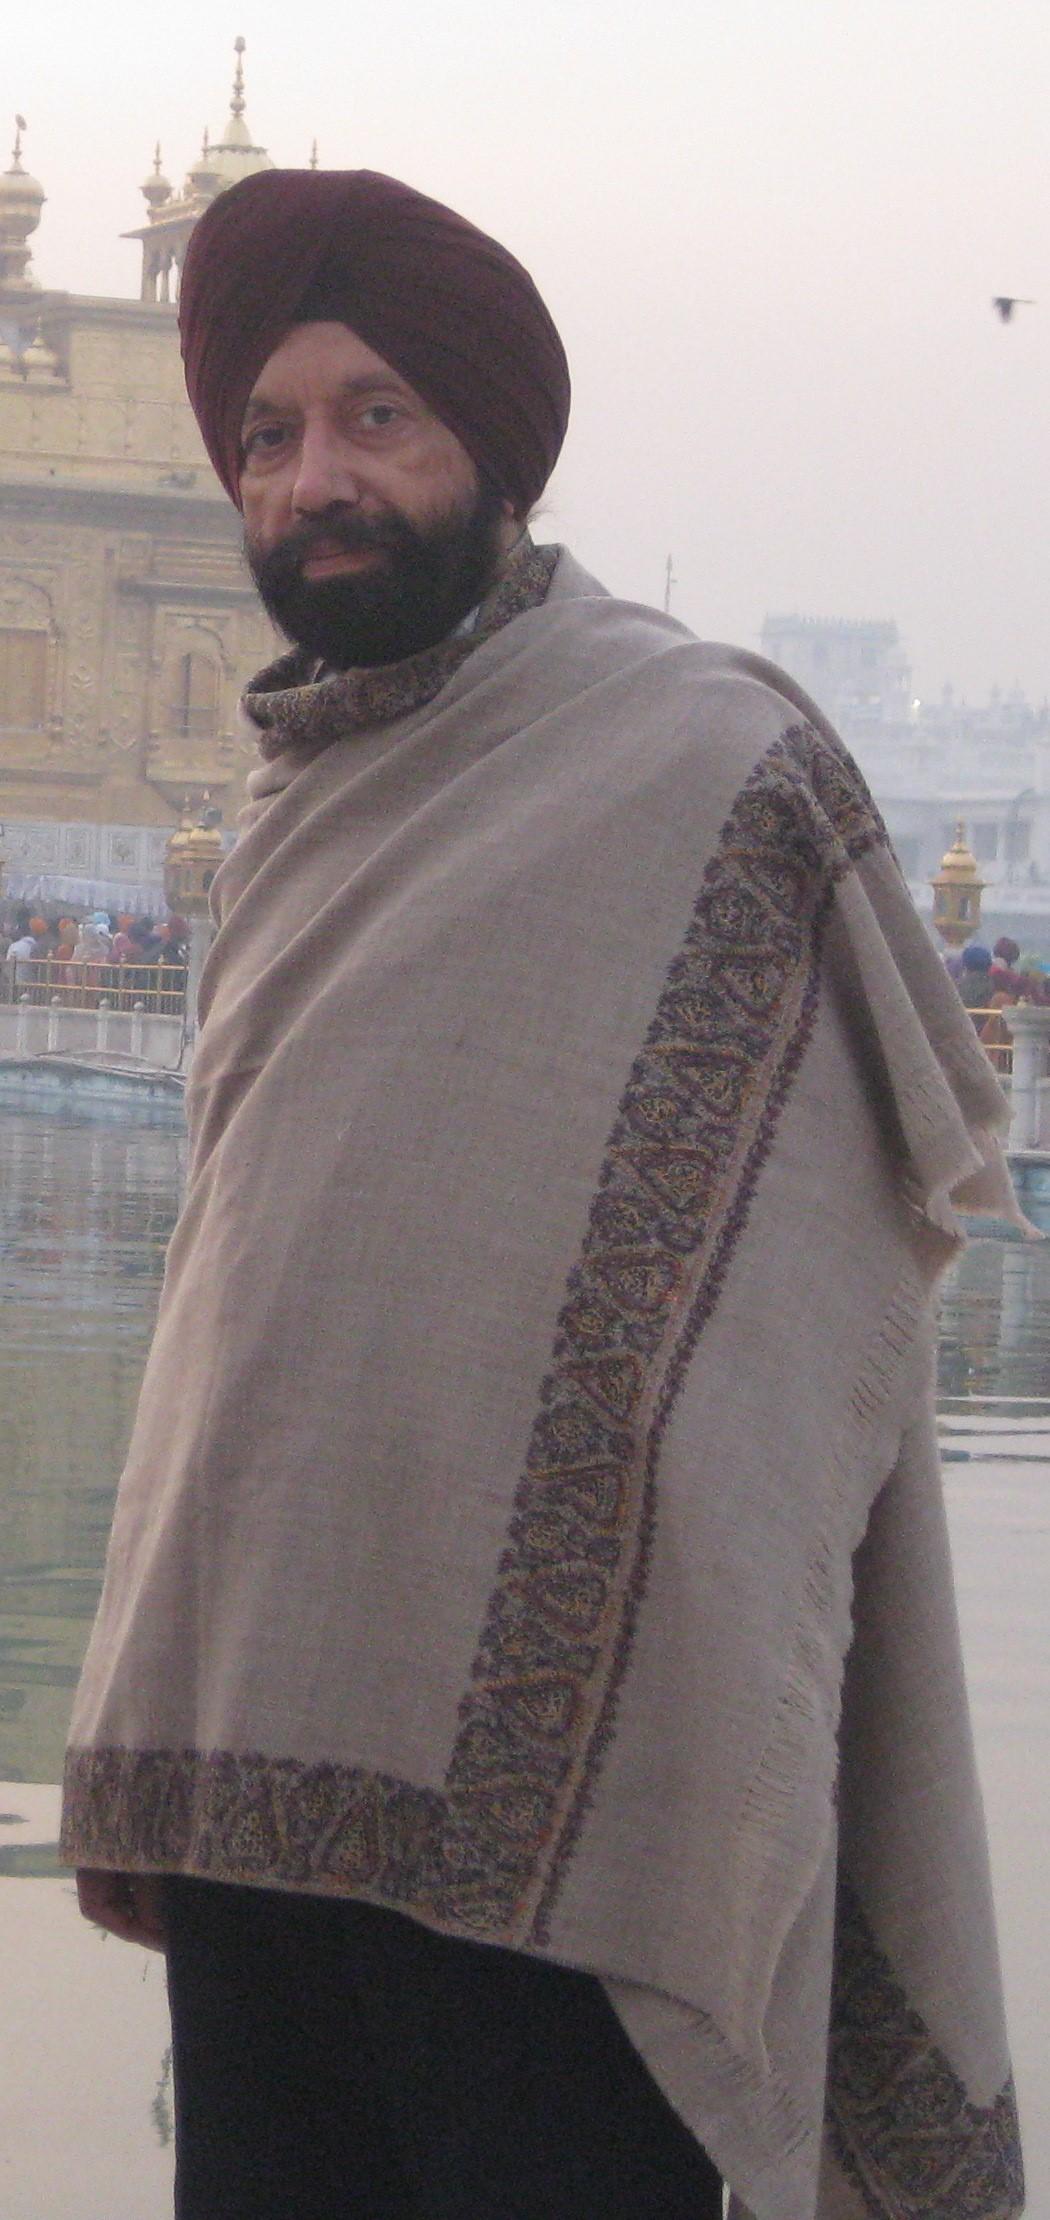 Surendrasingh K. Sardar